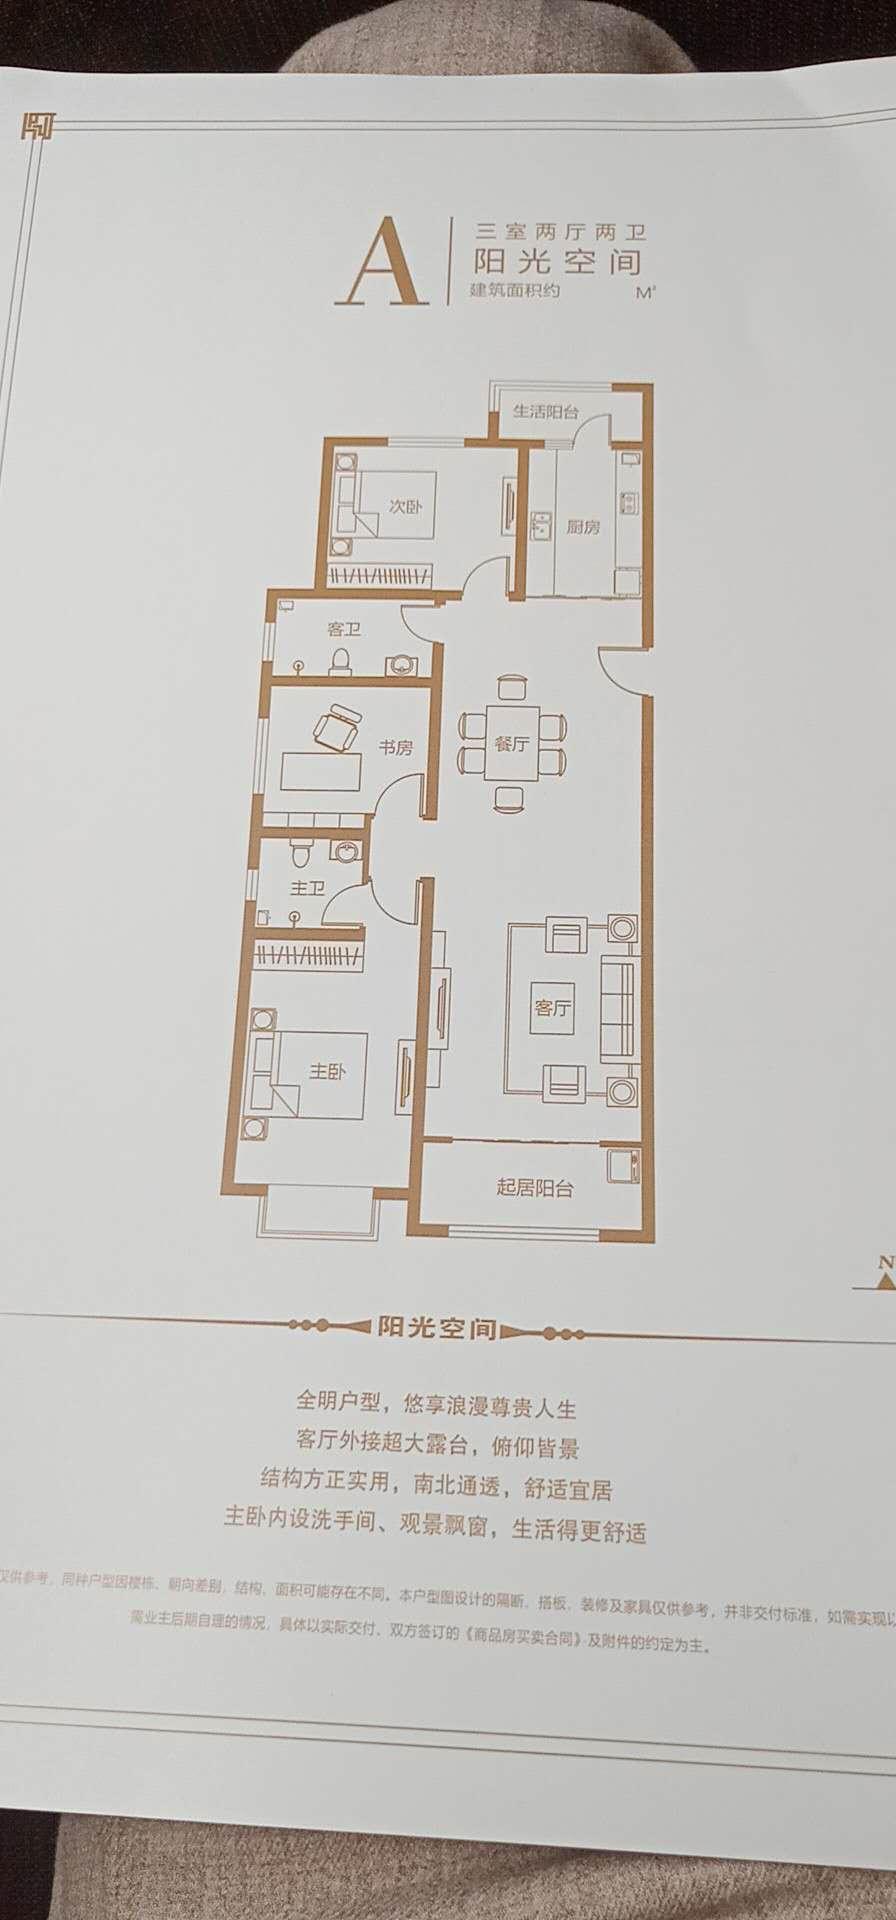 华戎银泰 3室2厅  毛坯 76万